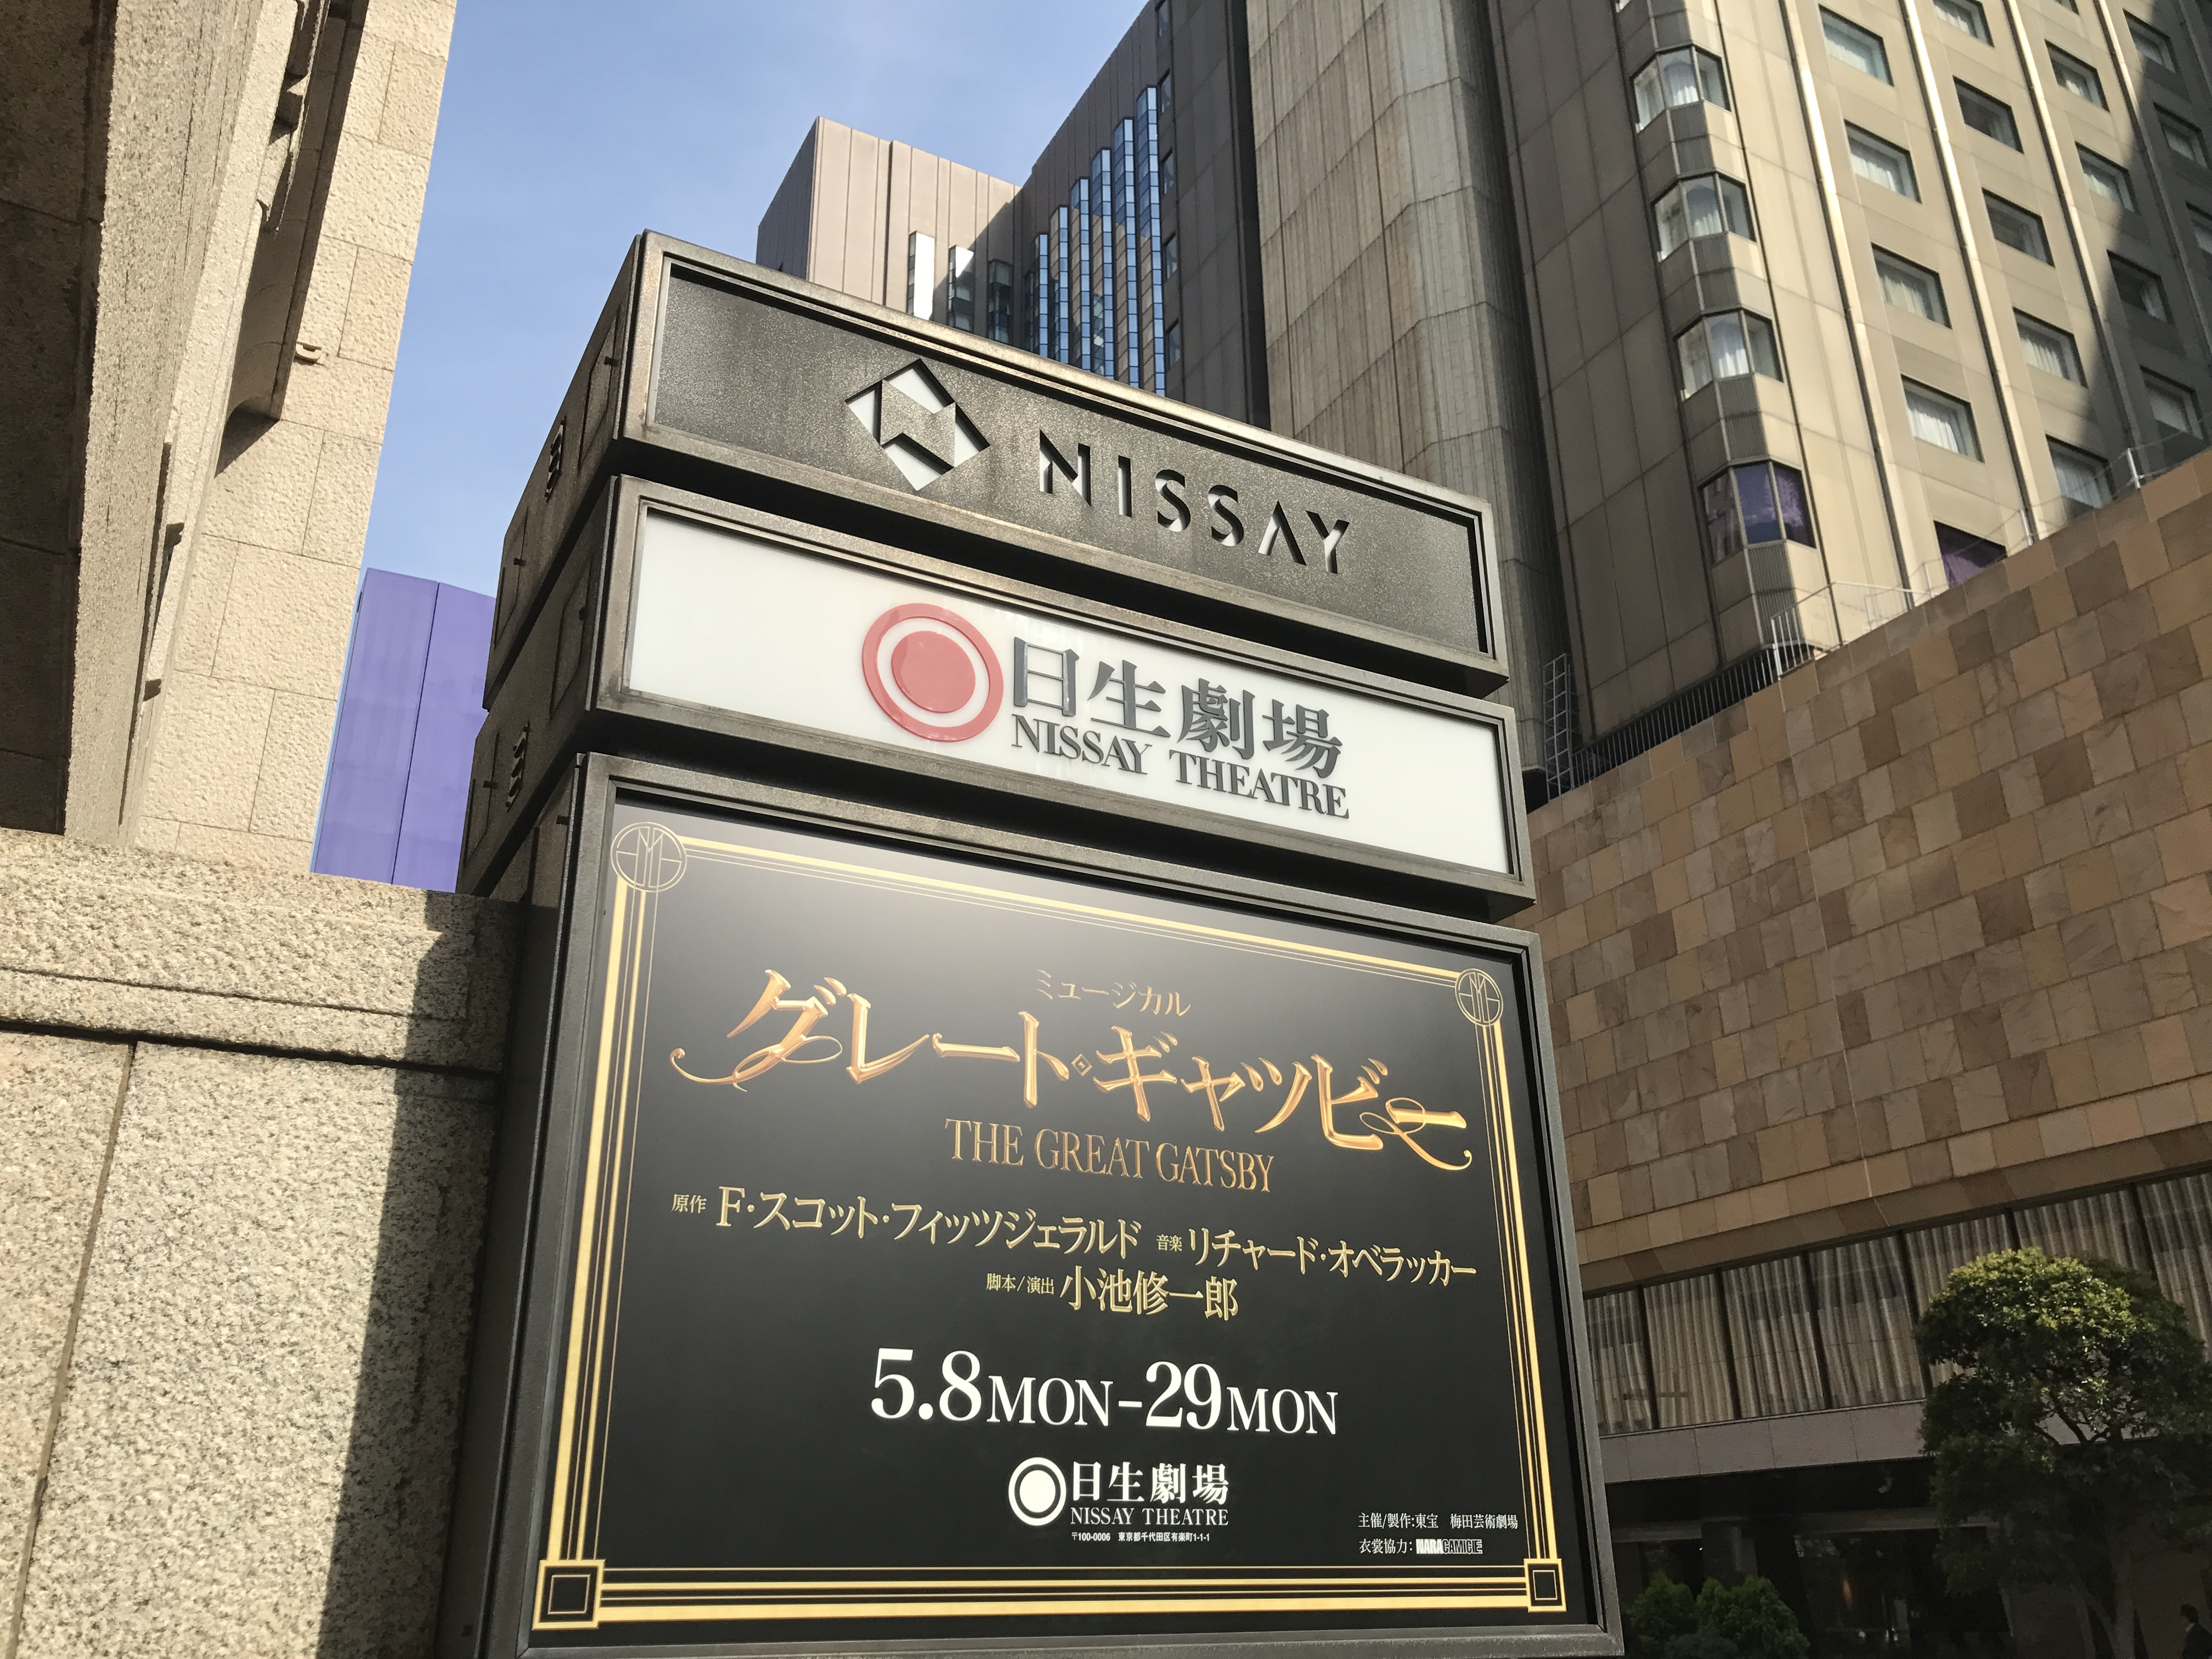 グレート・ギャツビー 日生劇場